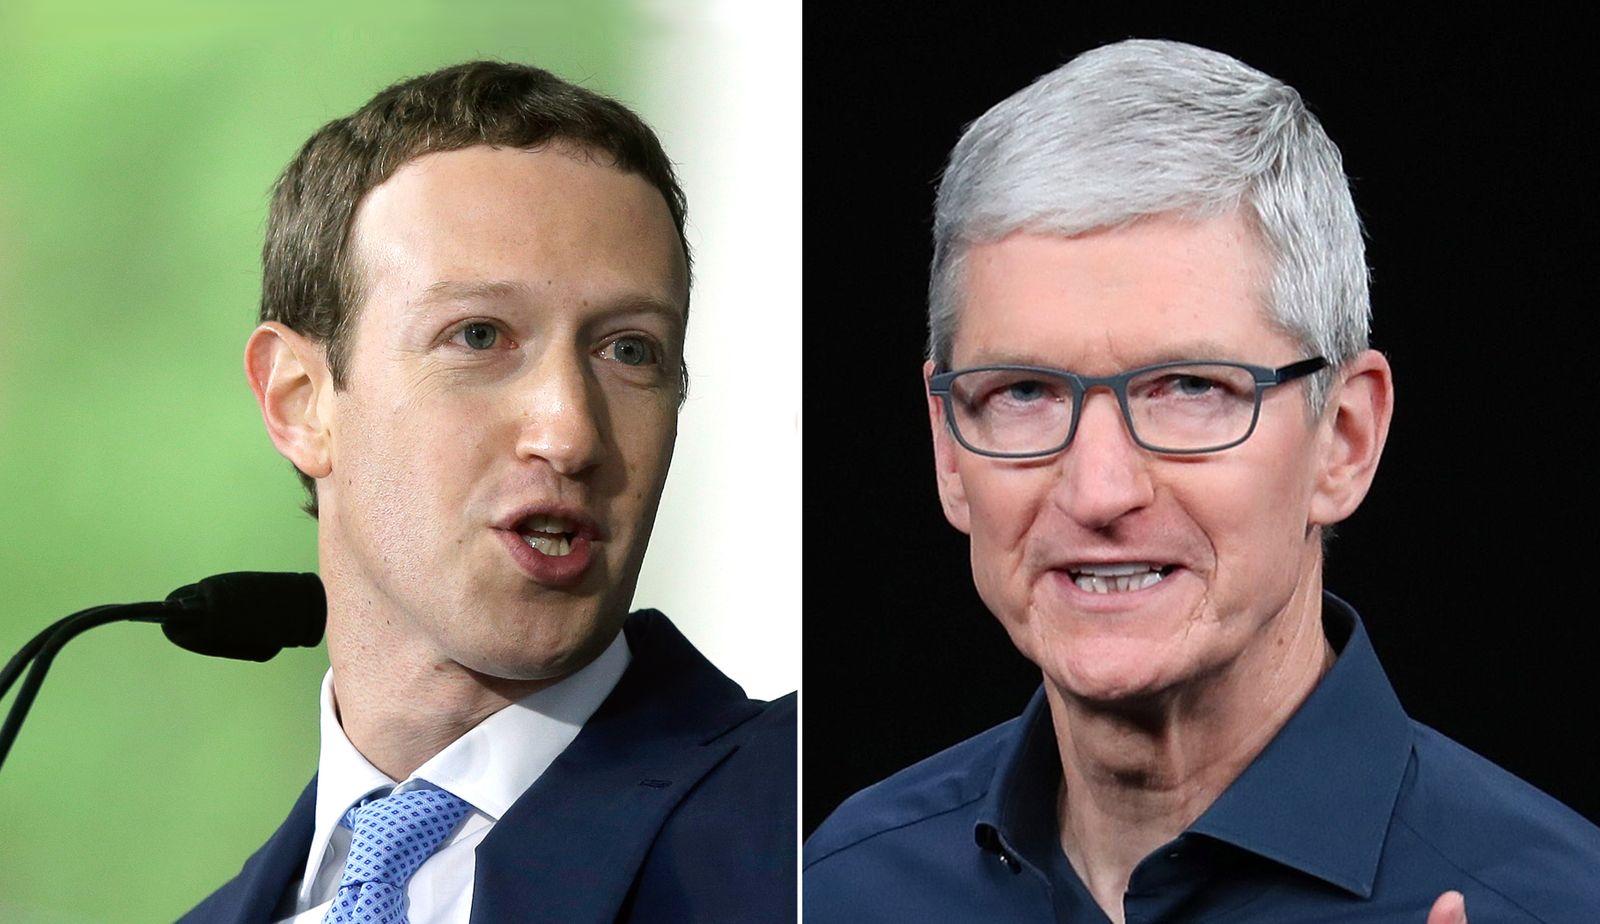 KOMBO Mark Zuckerberg / Tim Cook